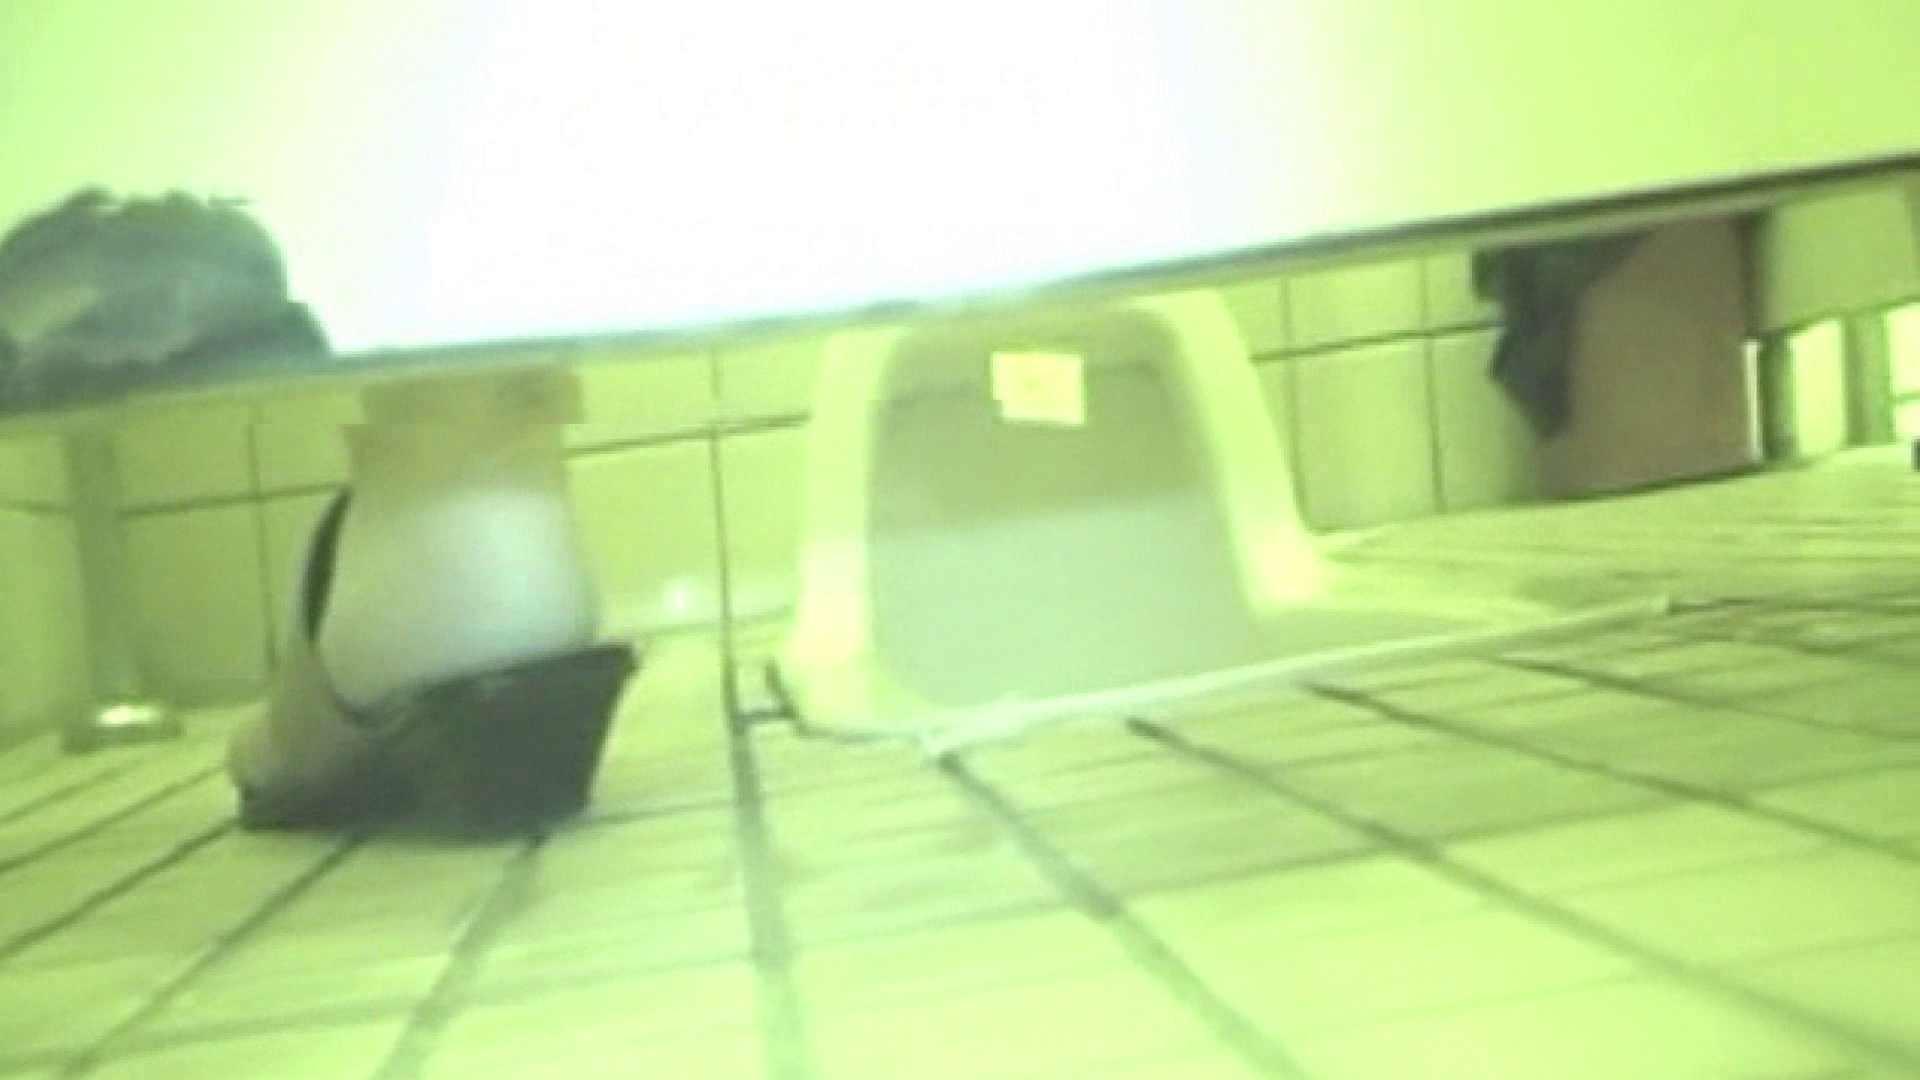 ロックハンドさんの盗撮記録File.52 無修正オマンコ オマンコ無修正動画無料 76画像 44